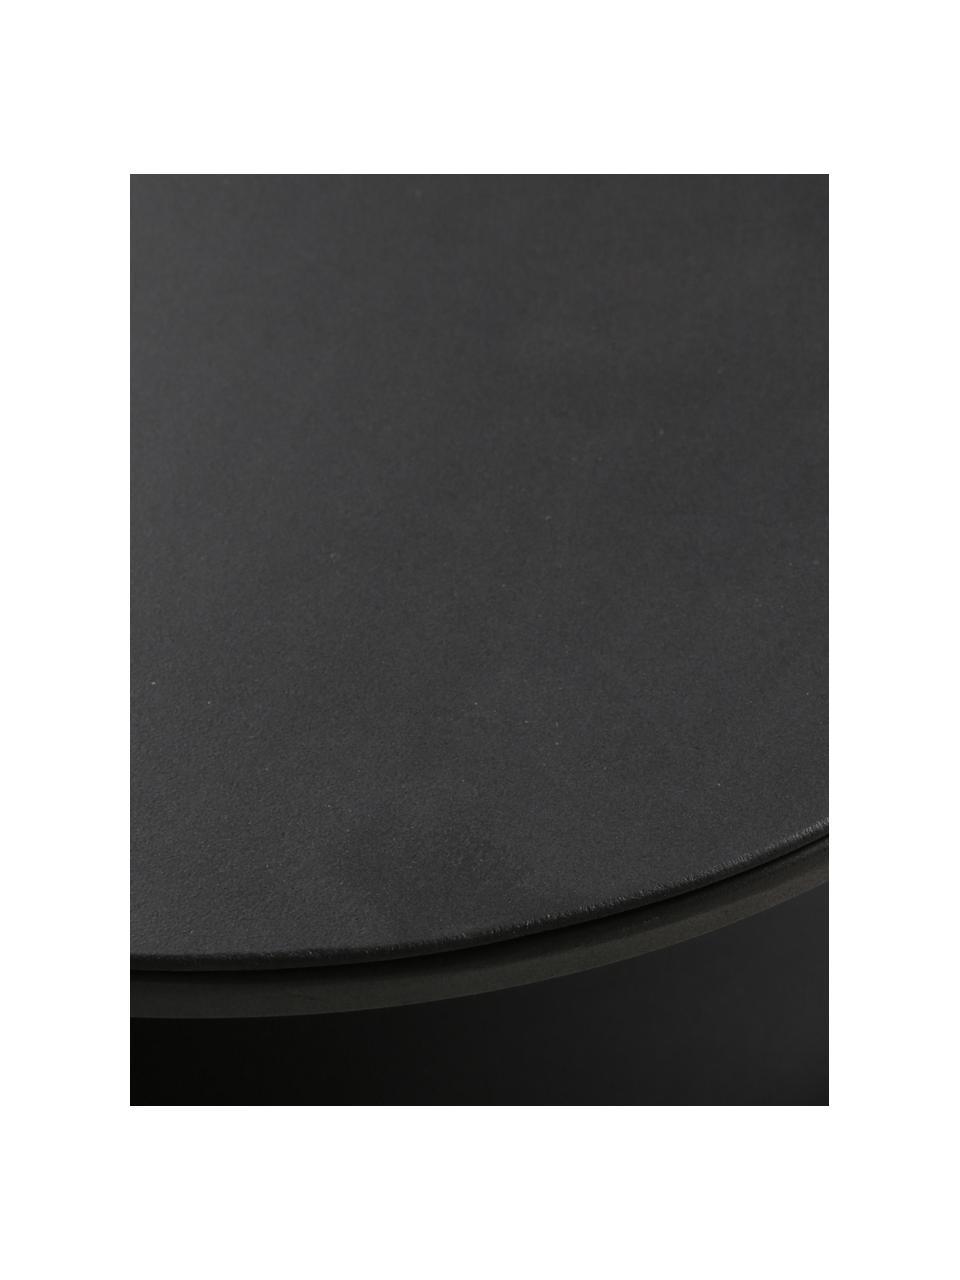 Metall-Couchtisch Grayson in Schwarz, Metall, beschichtet, Schwarz, 120 x 60 cm